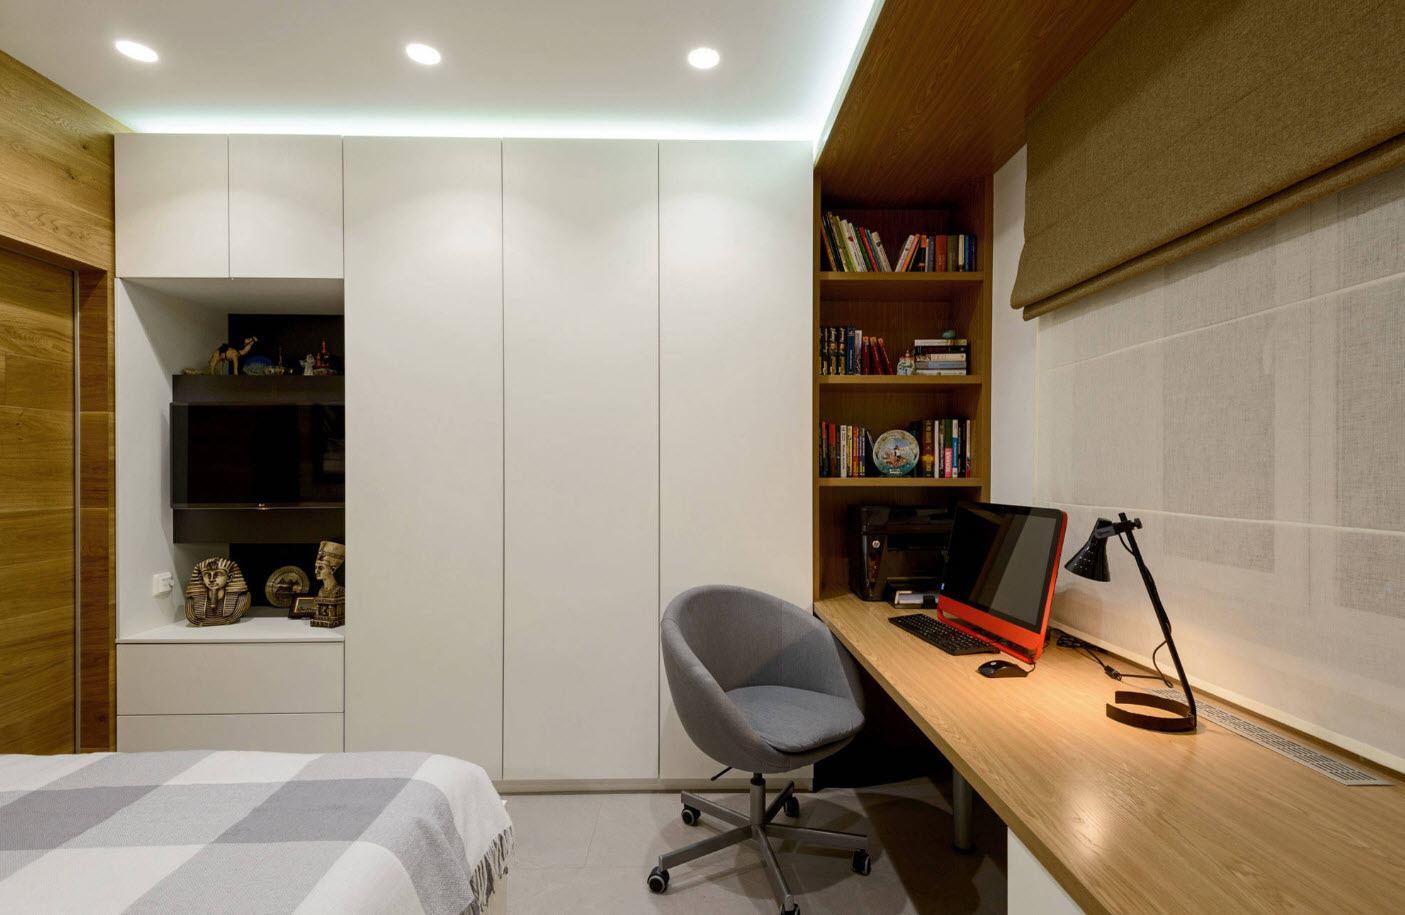 дизайн однокомнатной квартиры для семьи с ребенком фото